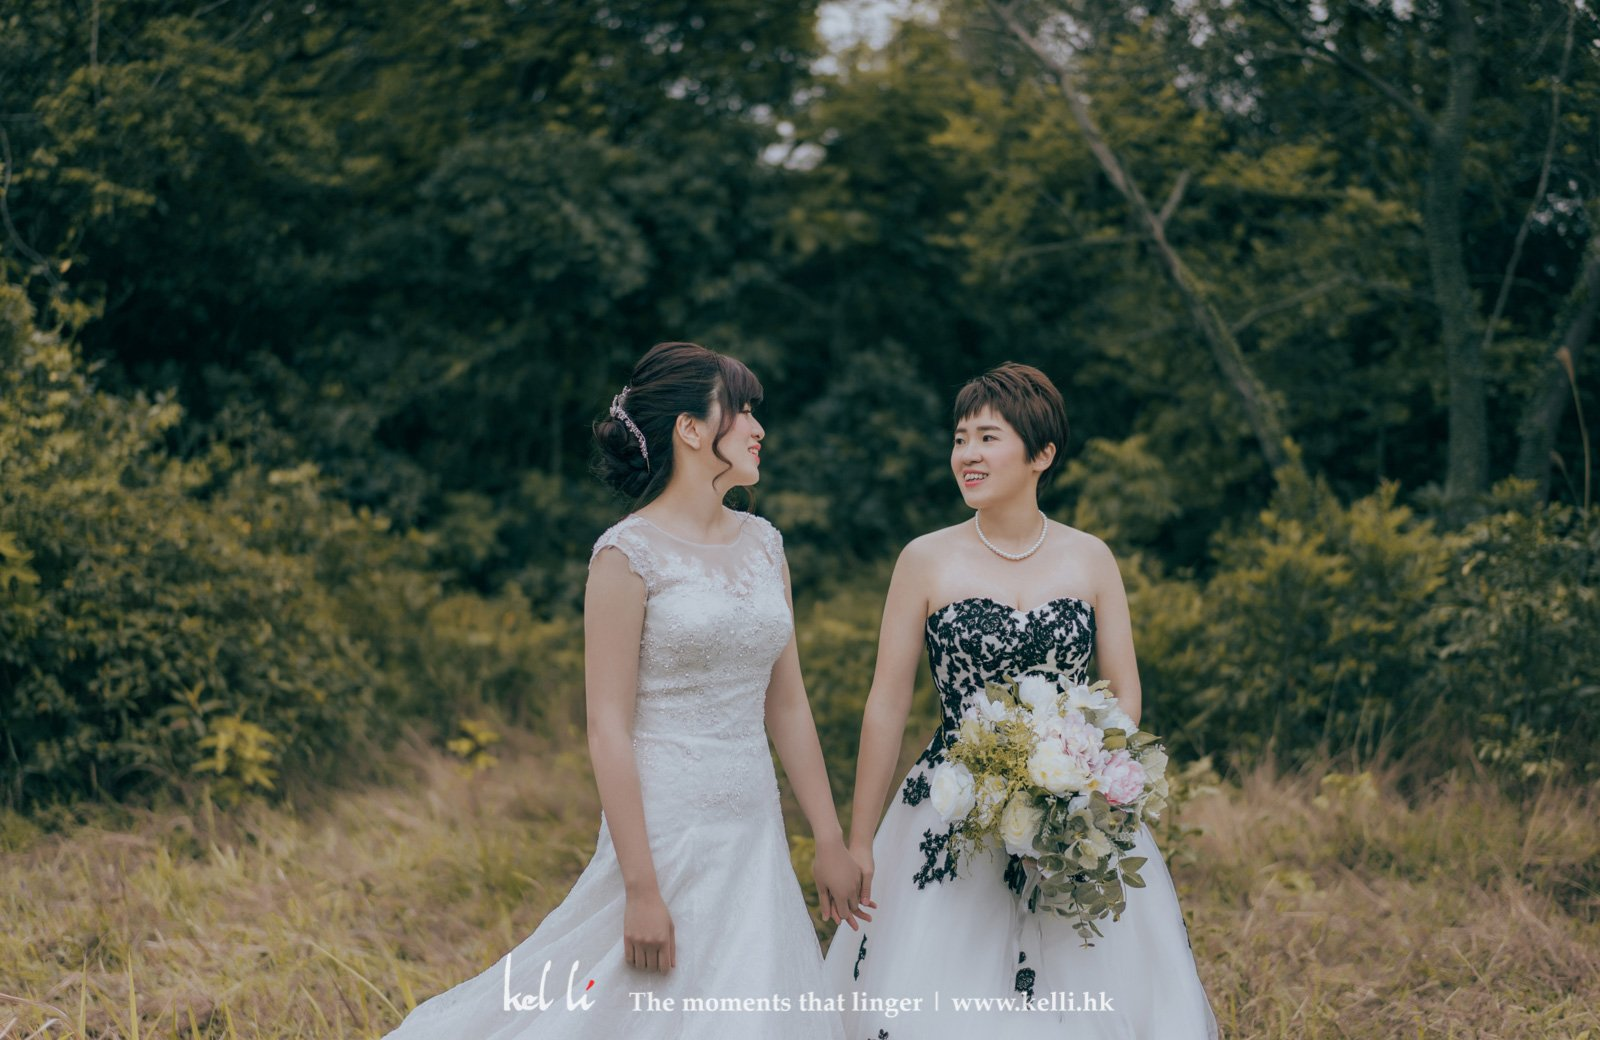 女女同志婚紗照